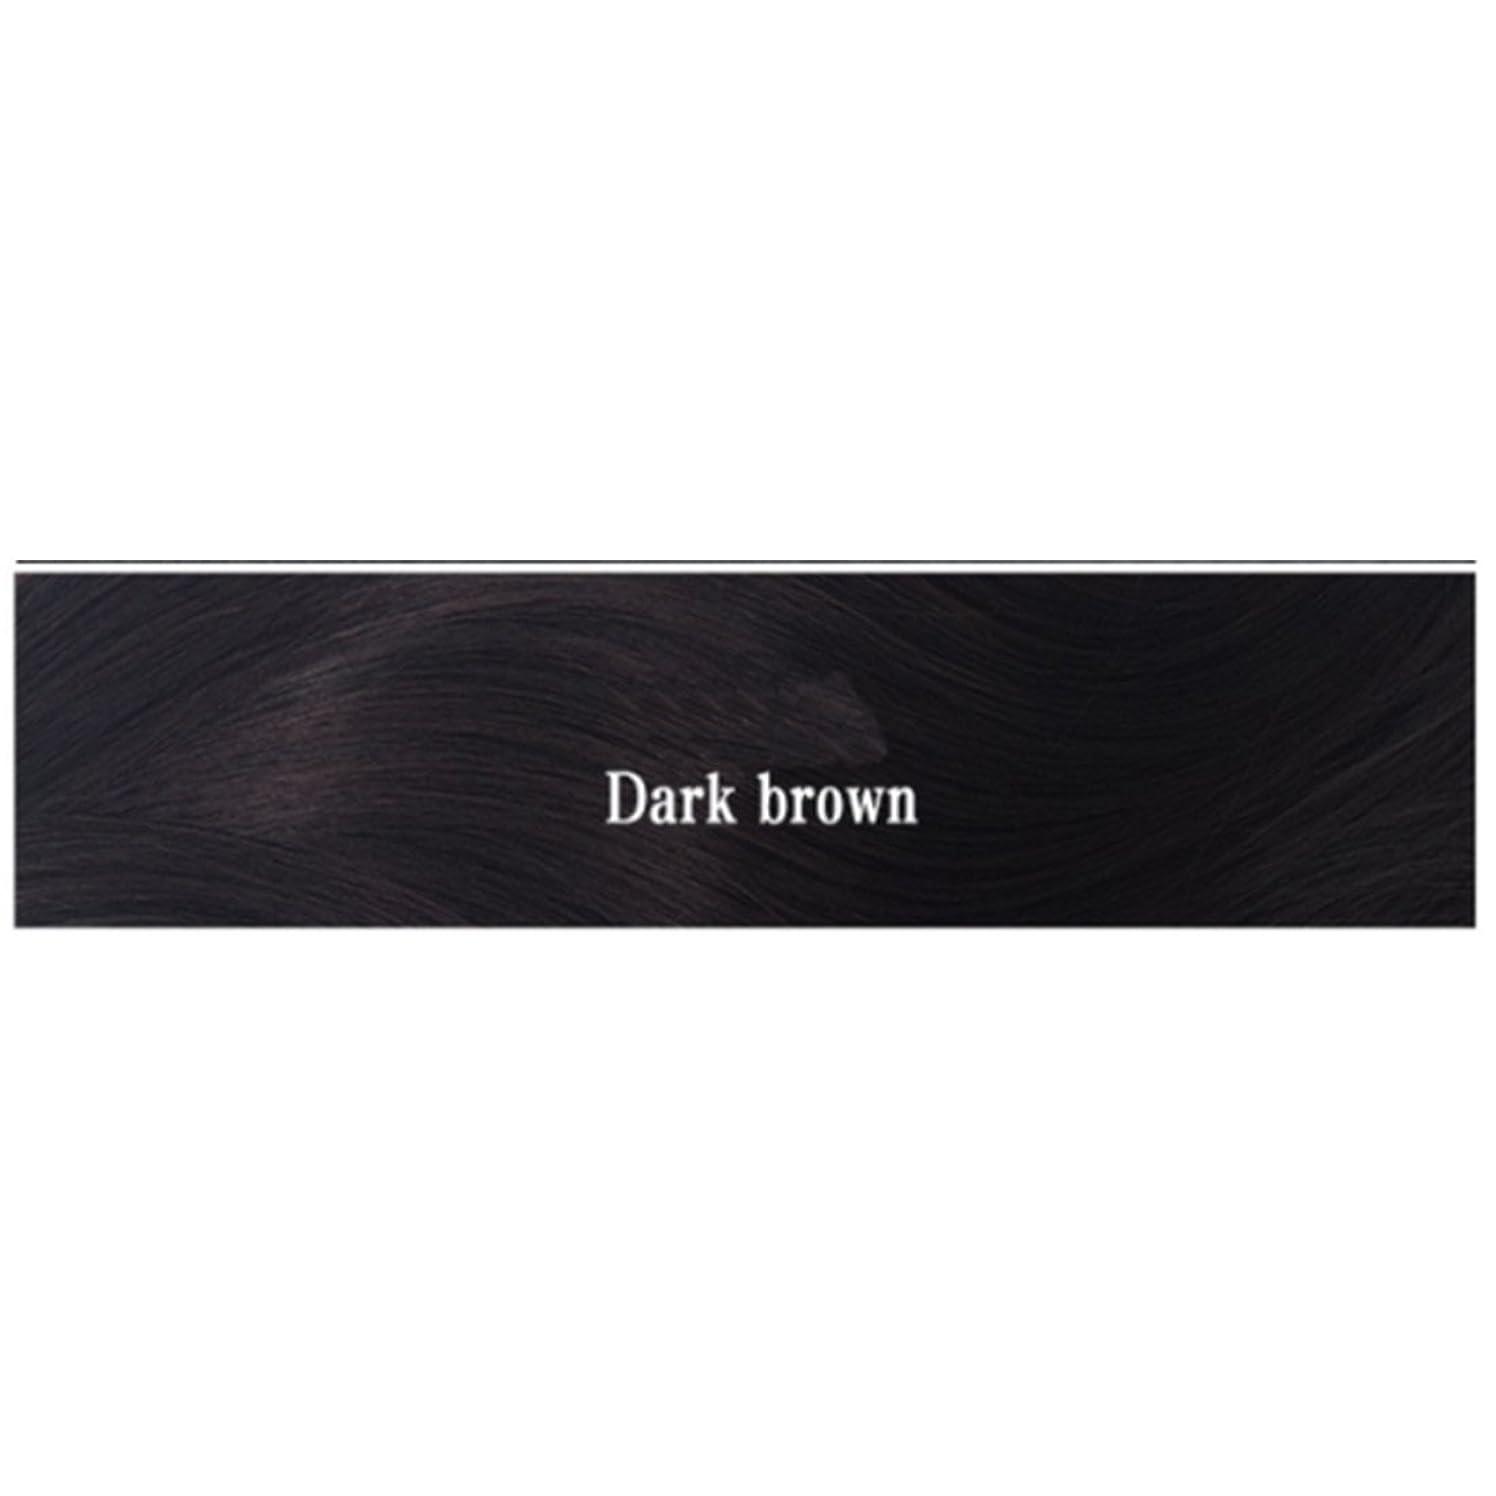 圧倒的予測子手当JIANFU 女性 耐熱 長い ストレート ウィッグ 人間の髪 フラット バンズ ウィッグ ナチュラル カラー パーティ 220g (Color : Dark brown)